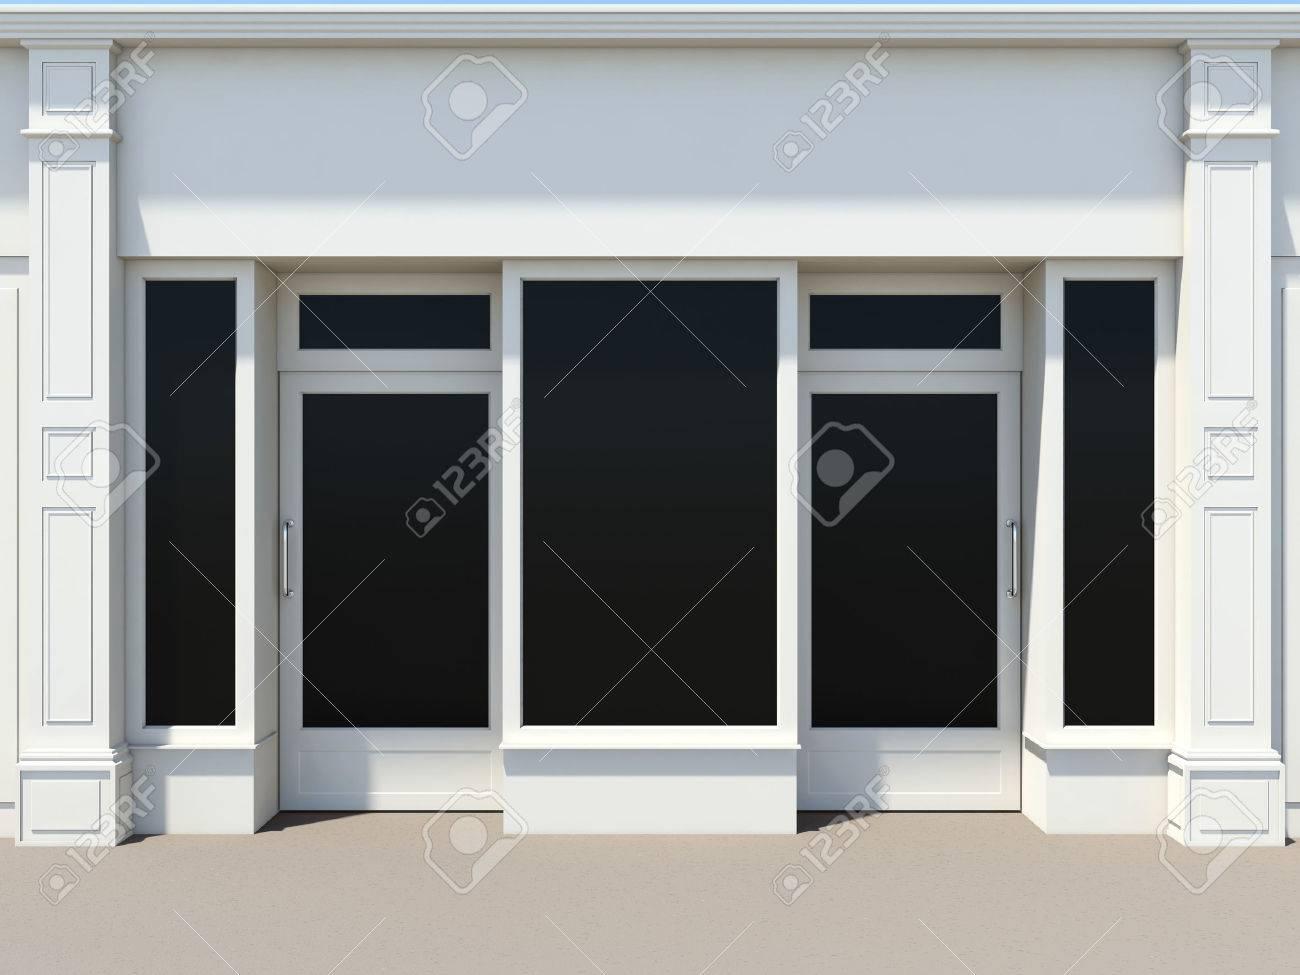 8ab06f99757 Foto de archivo - Persiana metálica con dos puertas y ventanales. Blanco fachada  tienda.